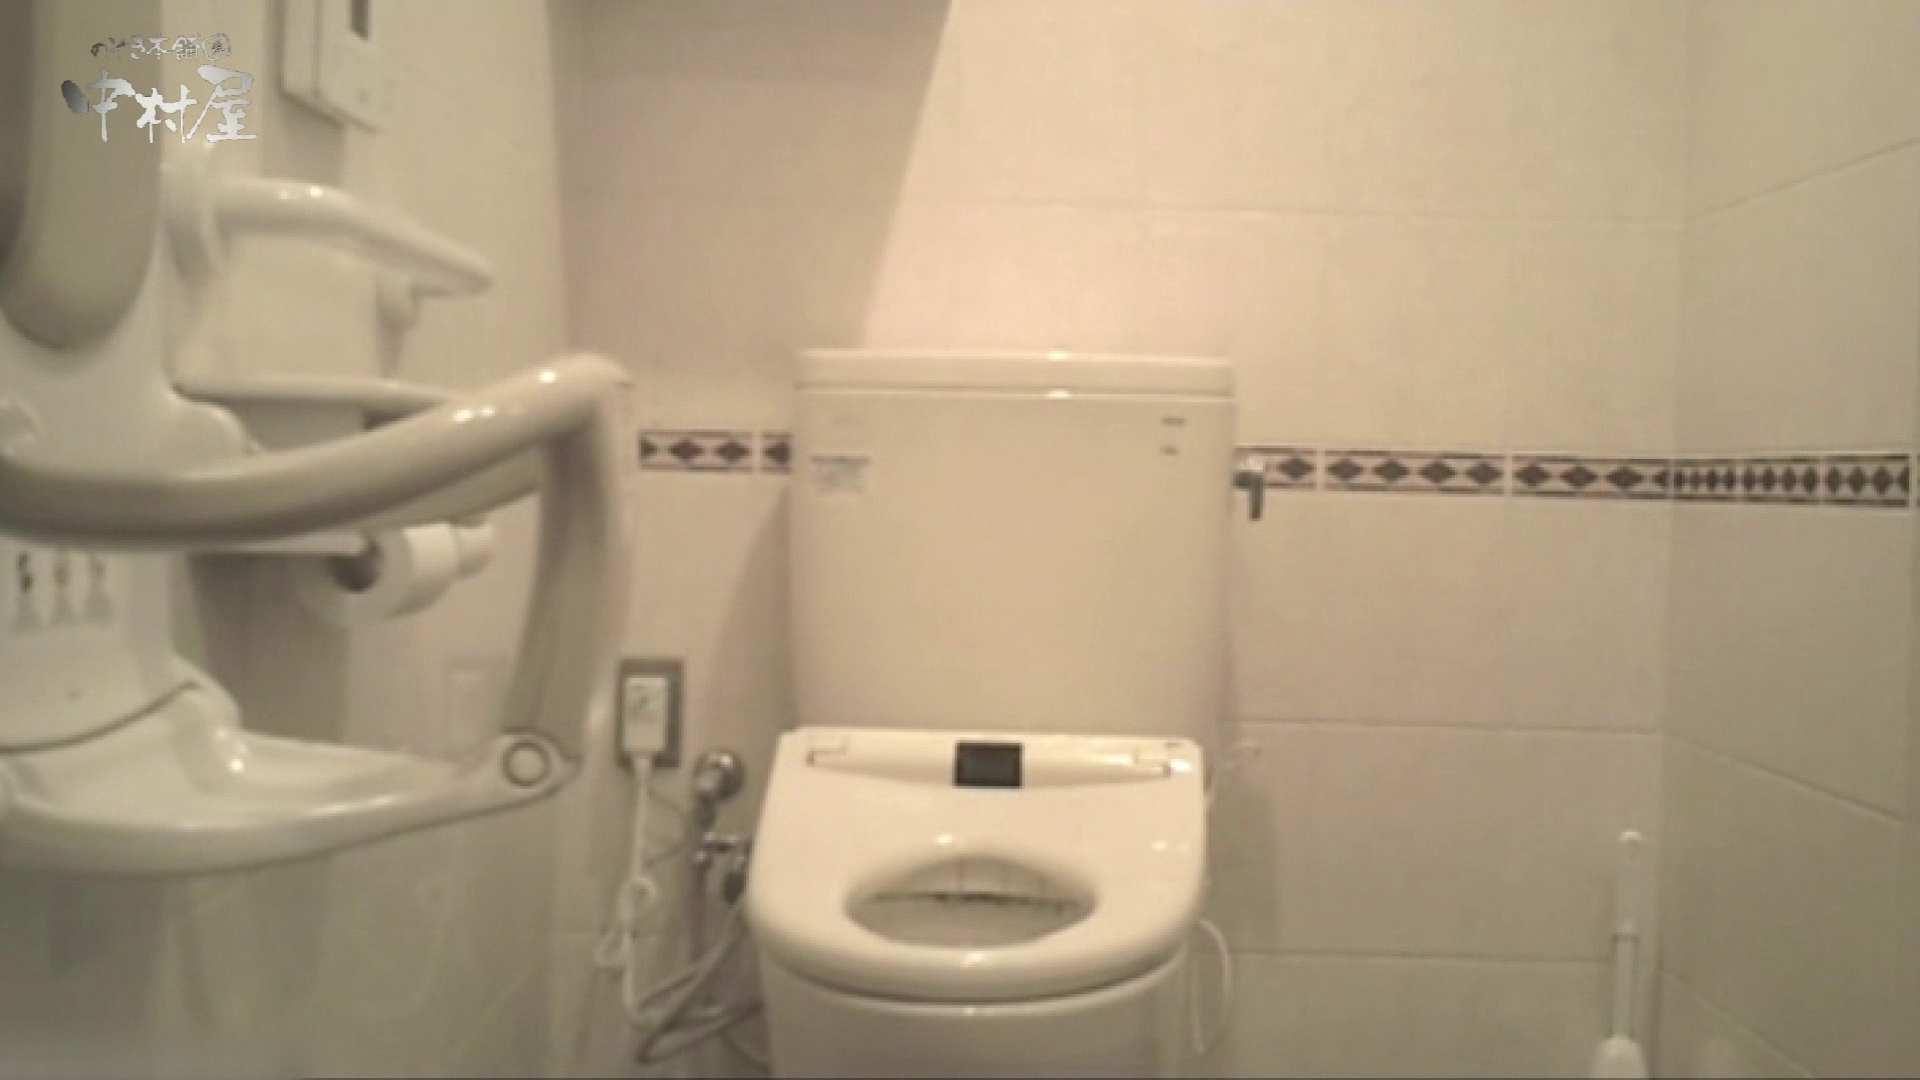 ティーンガールのトイレ覗き‼vol.21 お姉さんのエロ動画 セックス画像 112PIX 64